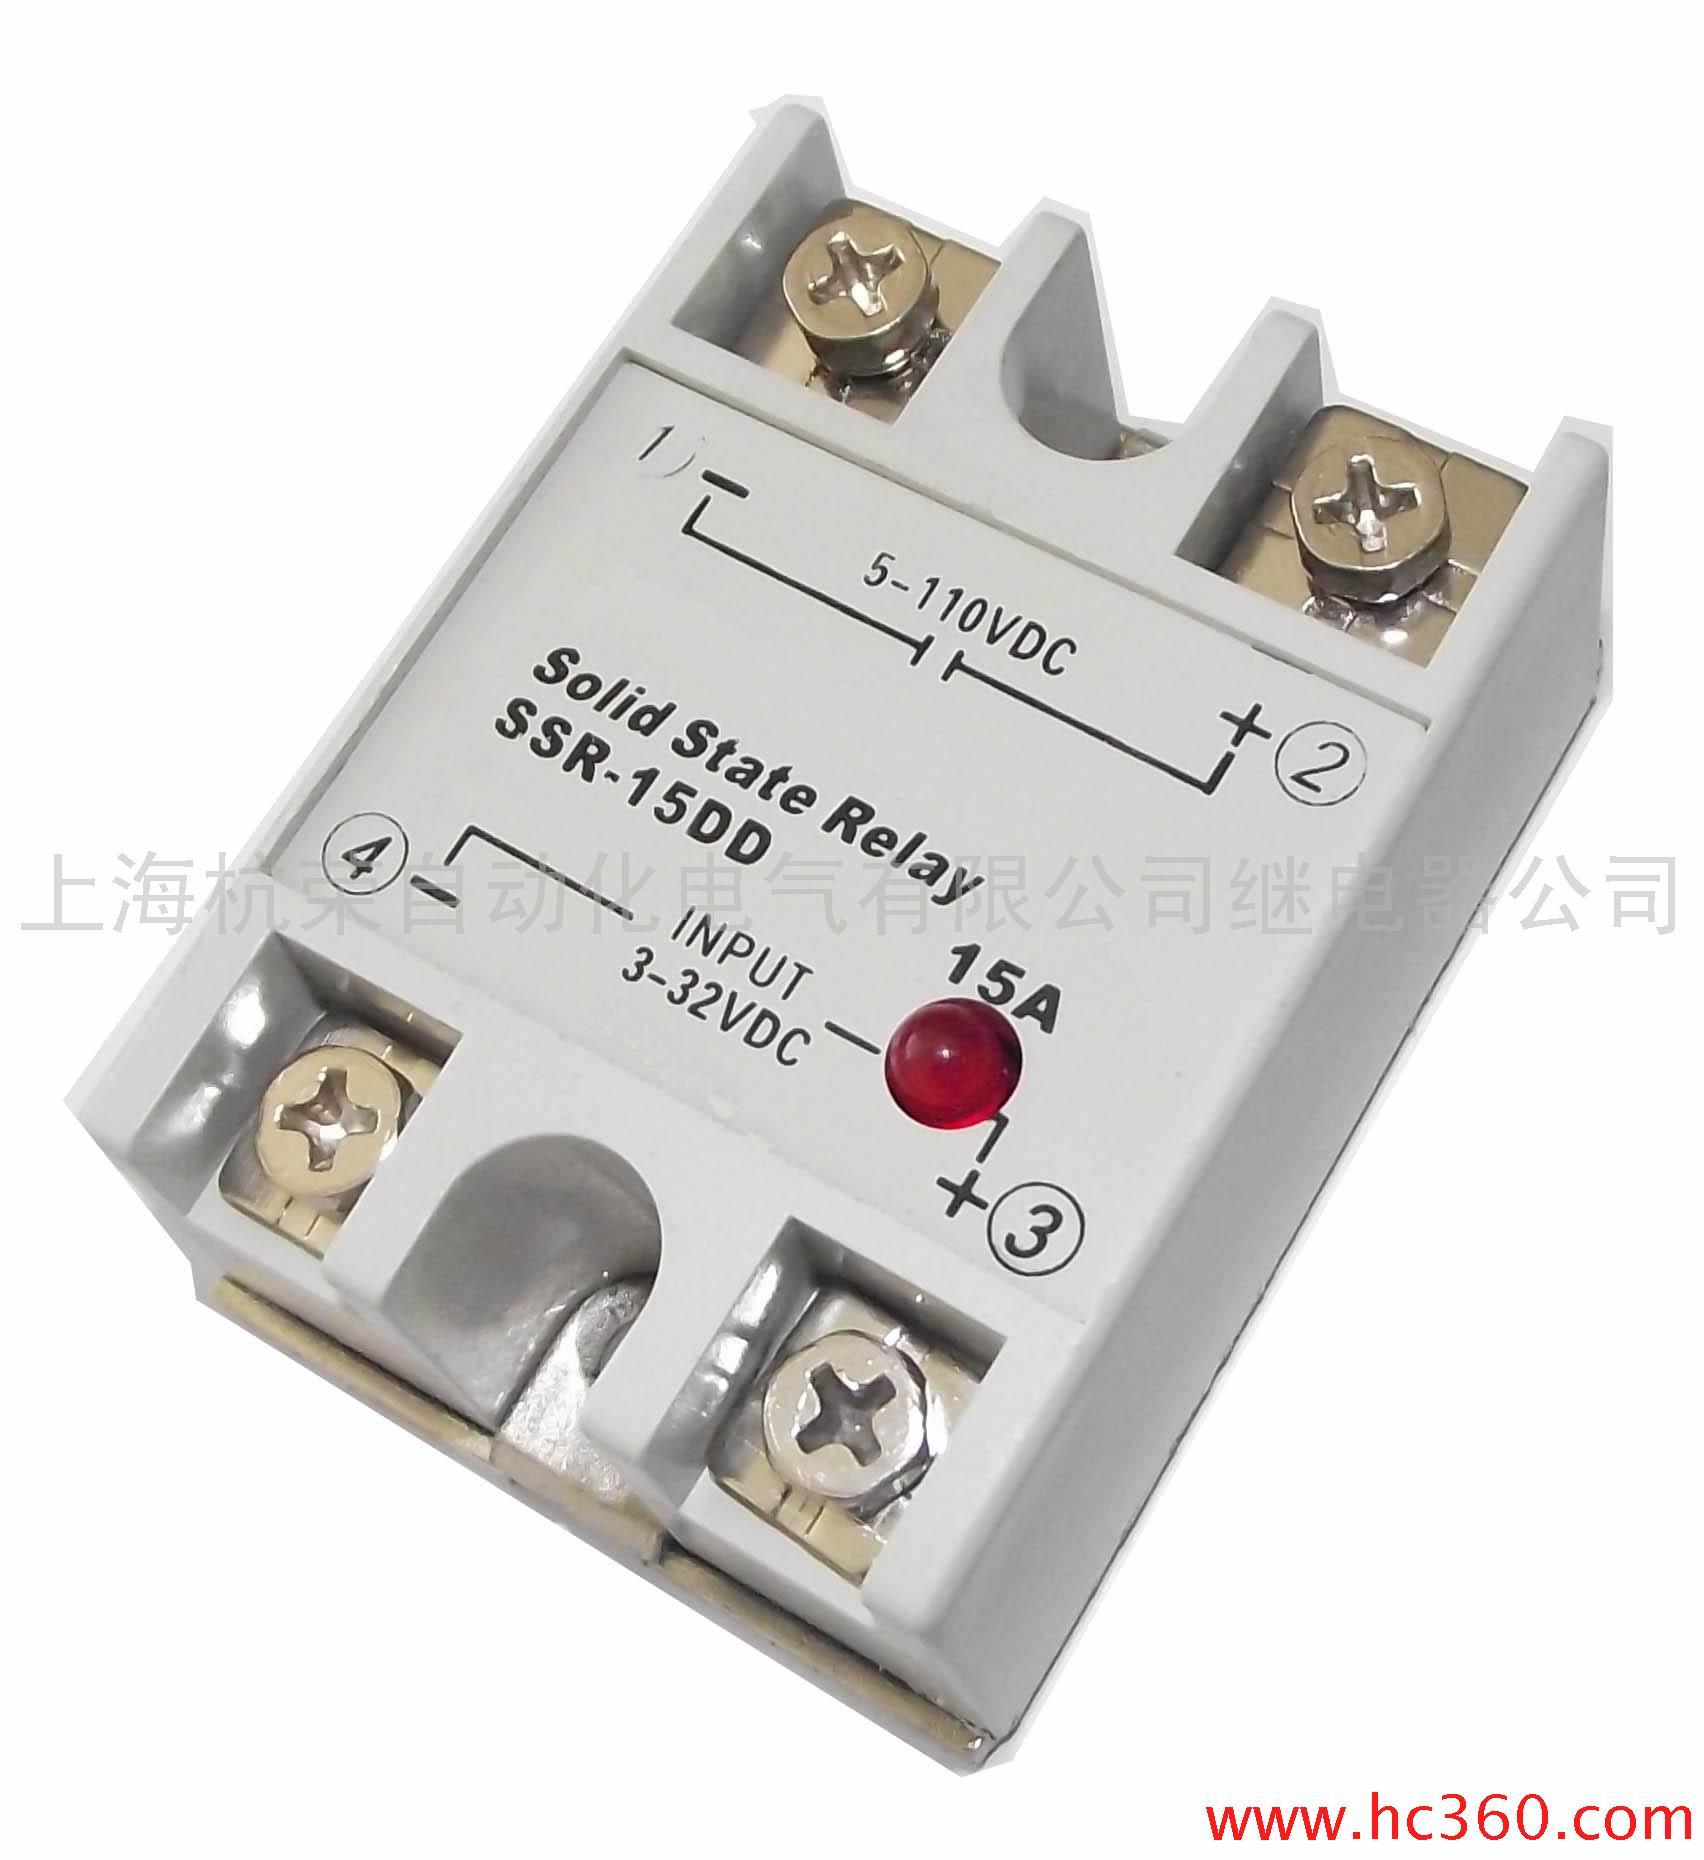 其固态继电器系列包括电路板式交